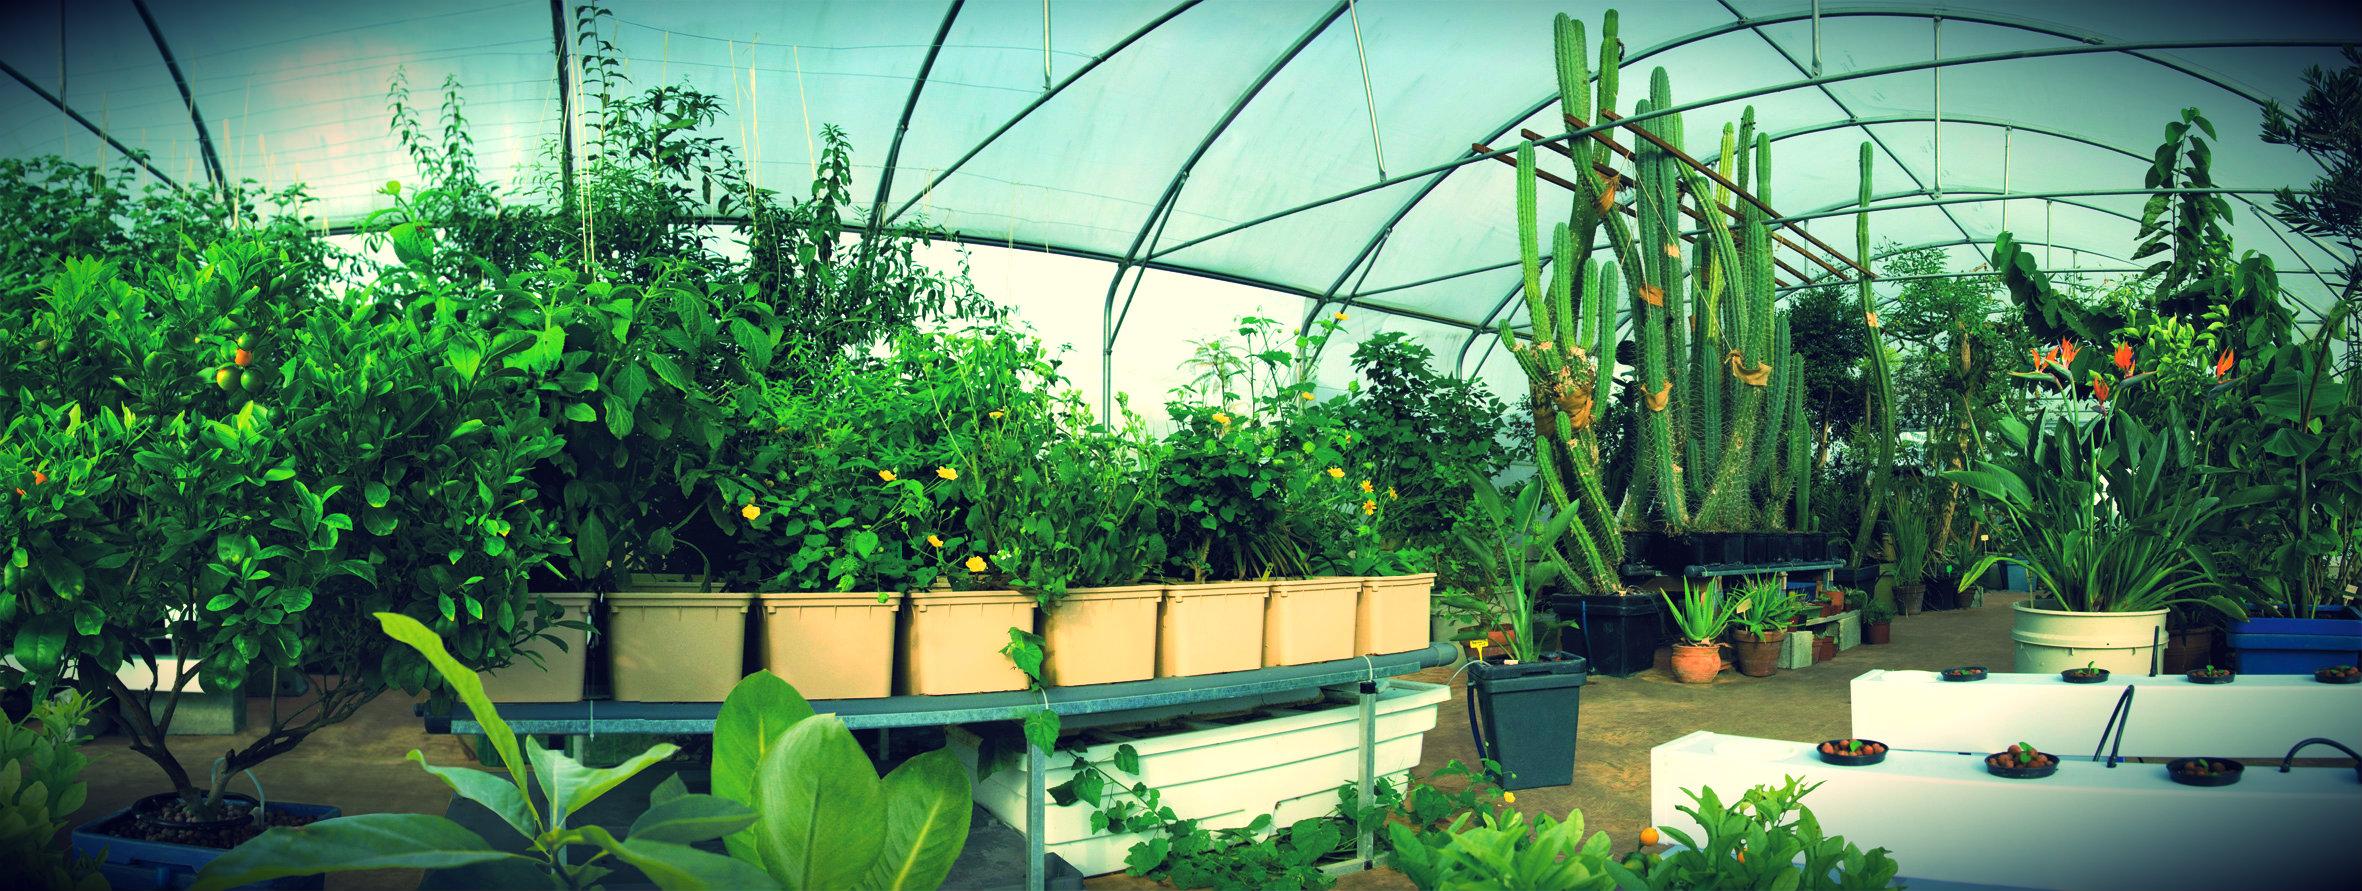 Огурцы - выращивание, посадка, уход. В открытом грунте и 90